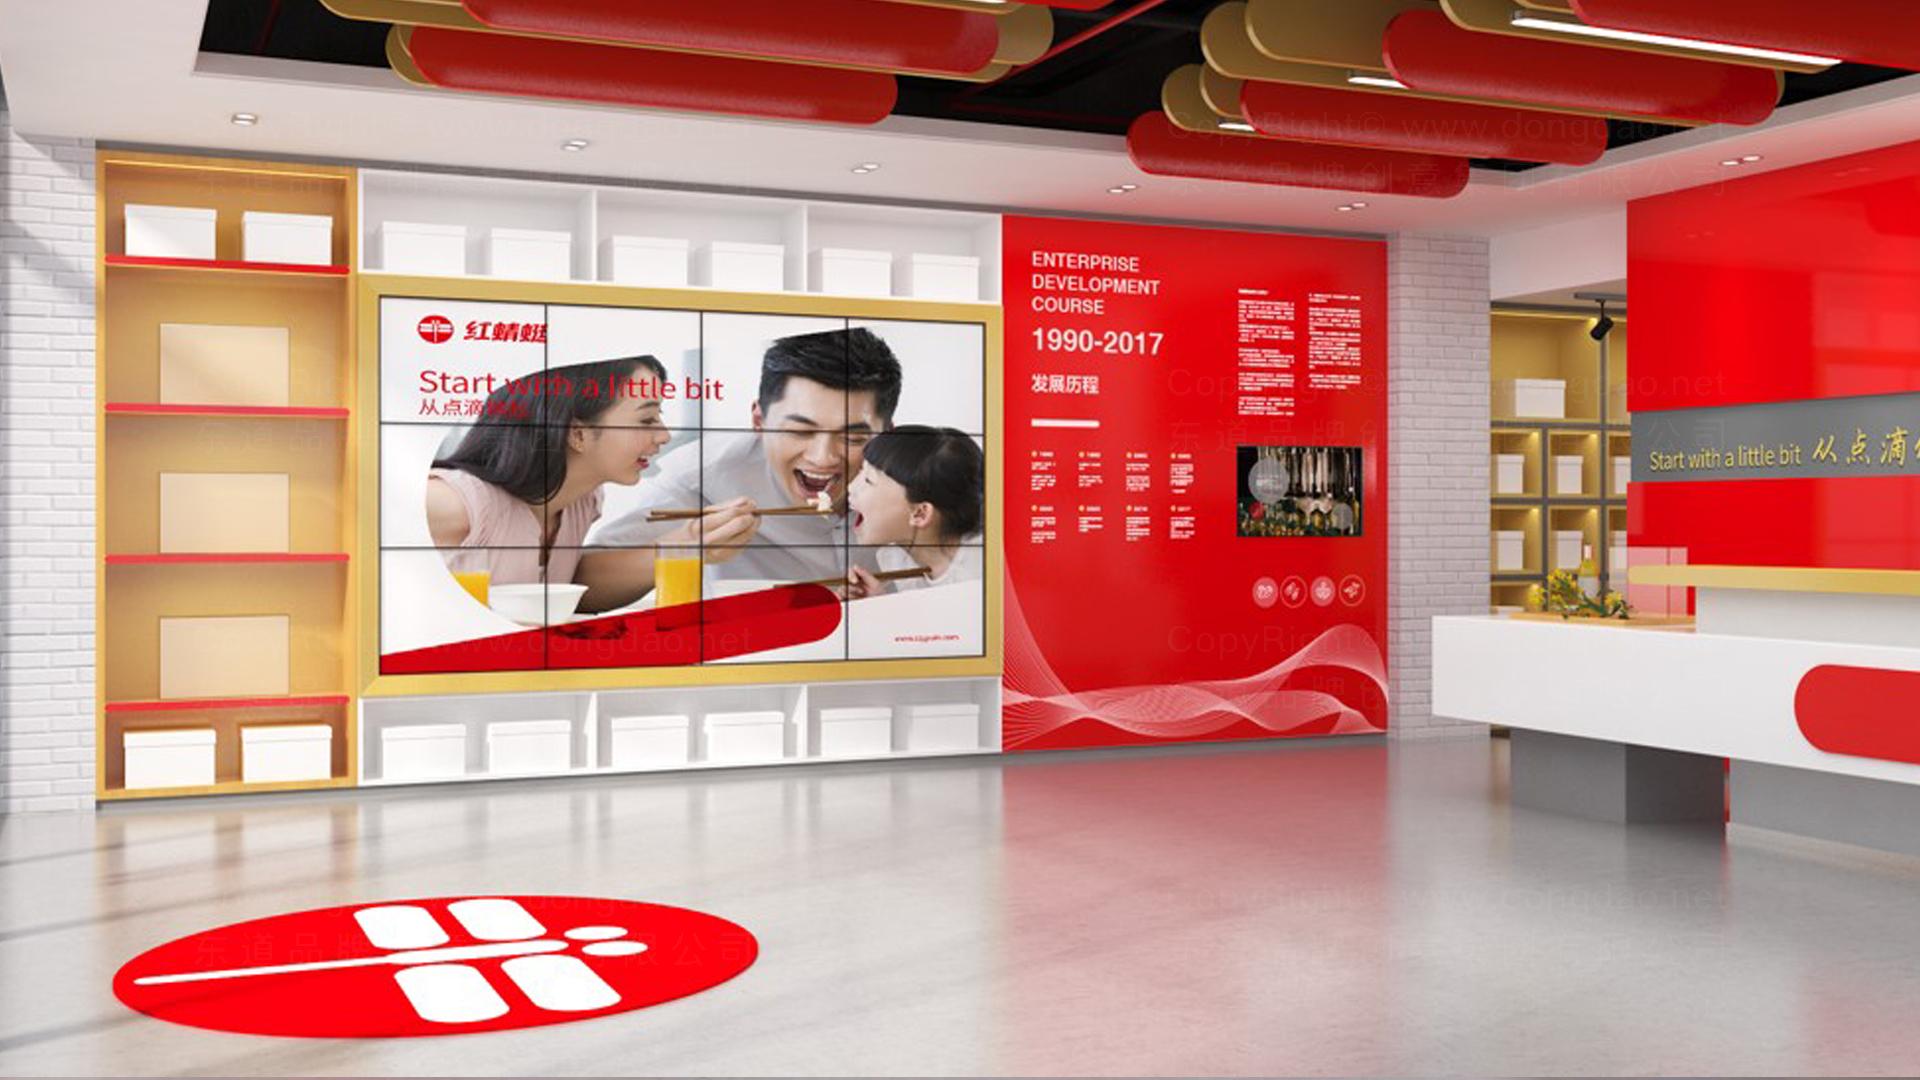 商业空间&导示红蜻蜓SI环境概念设计应用